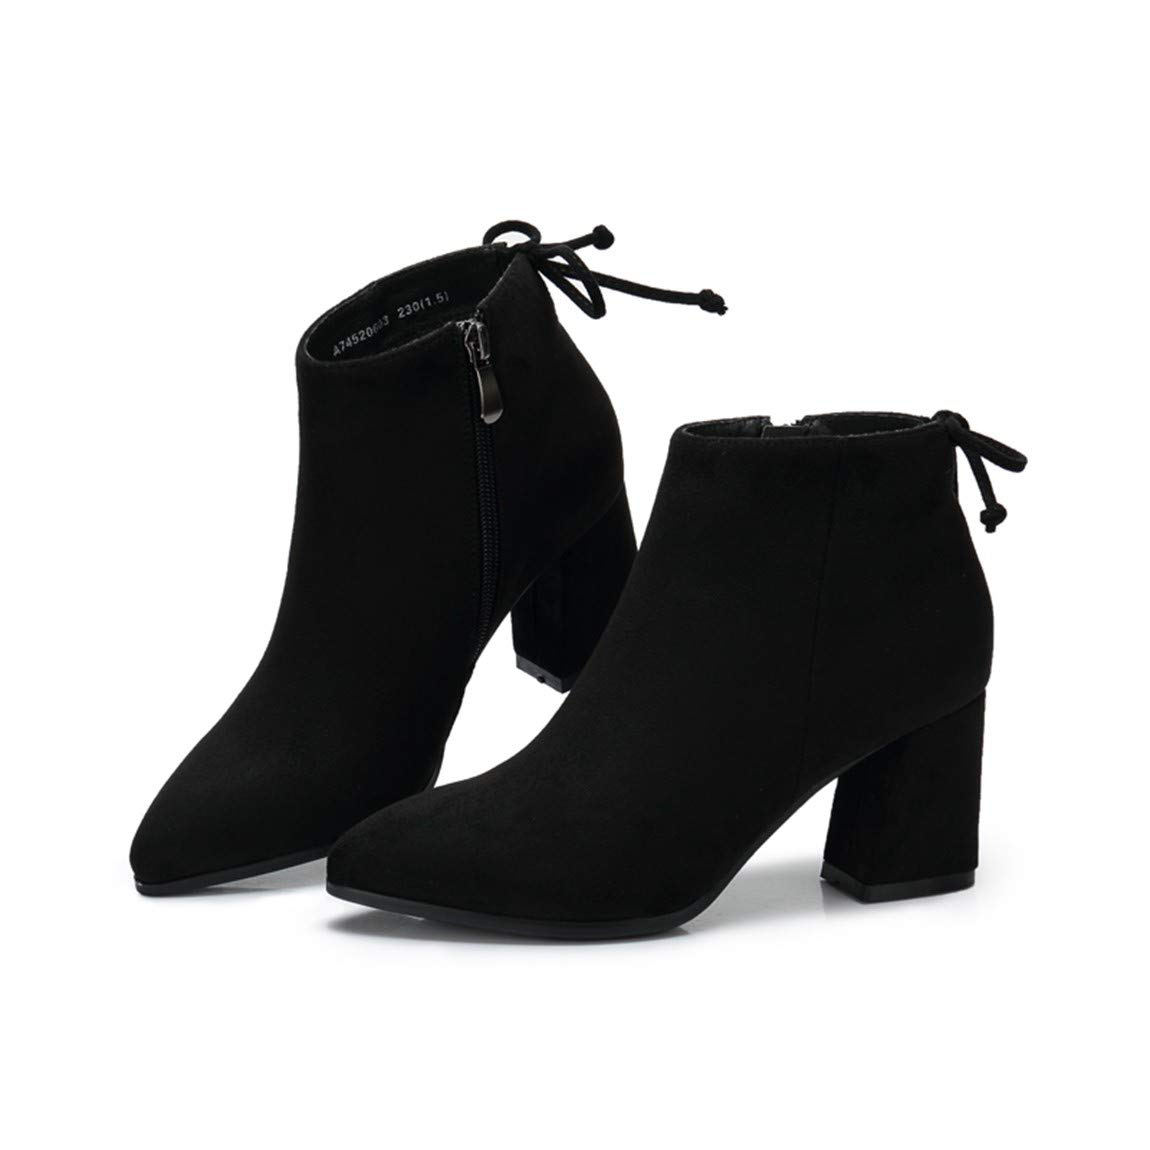 Cute girl Damenschuhe Damenschuhe Damenschuhe Elegante Einfache Spitzer Kopf Mit Kurzen Stiefeln Pendler Stiefelies Schwarz b429e1